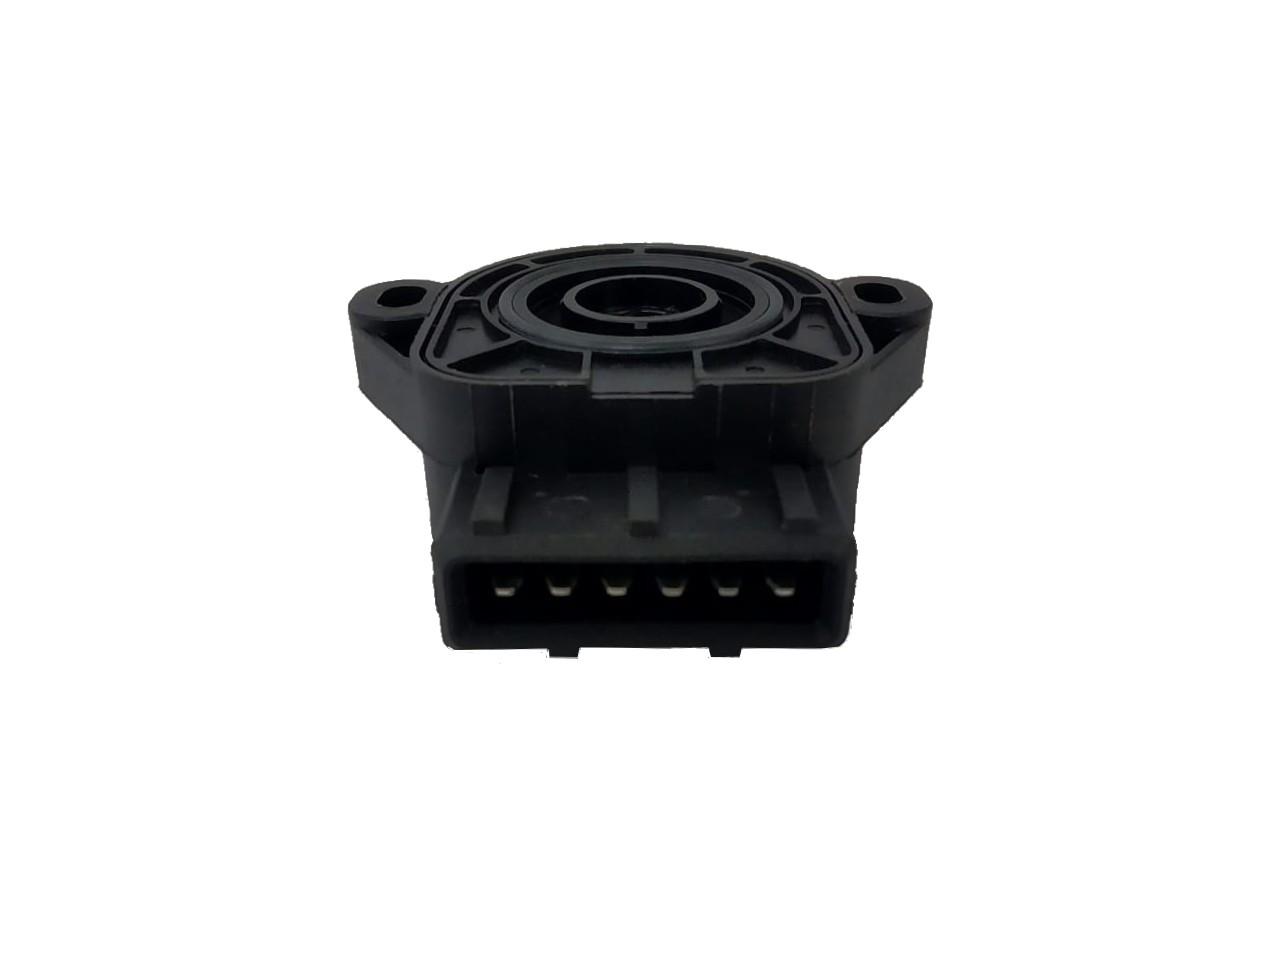 Sensor do Pedal Acelerador (Potenciometro) 6 Pinos Renault Clio II /Kangoo/Scenic/Symbol/Twingo  - Auto Peças L´equipe France